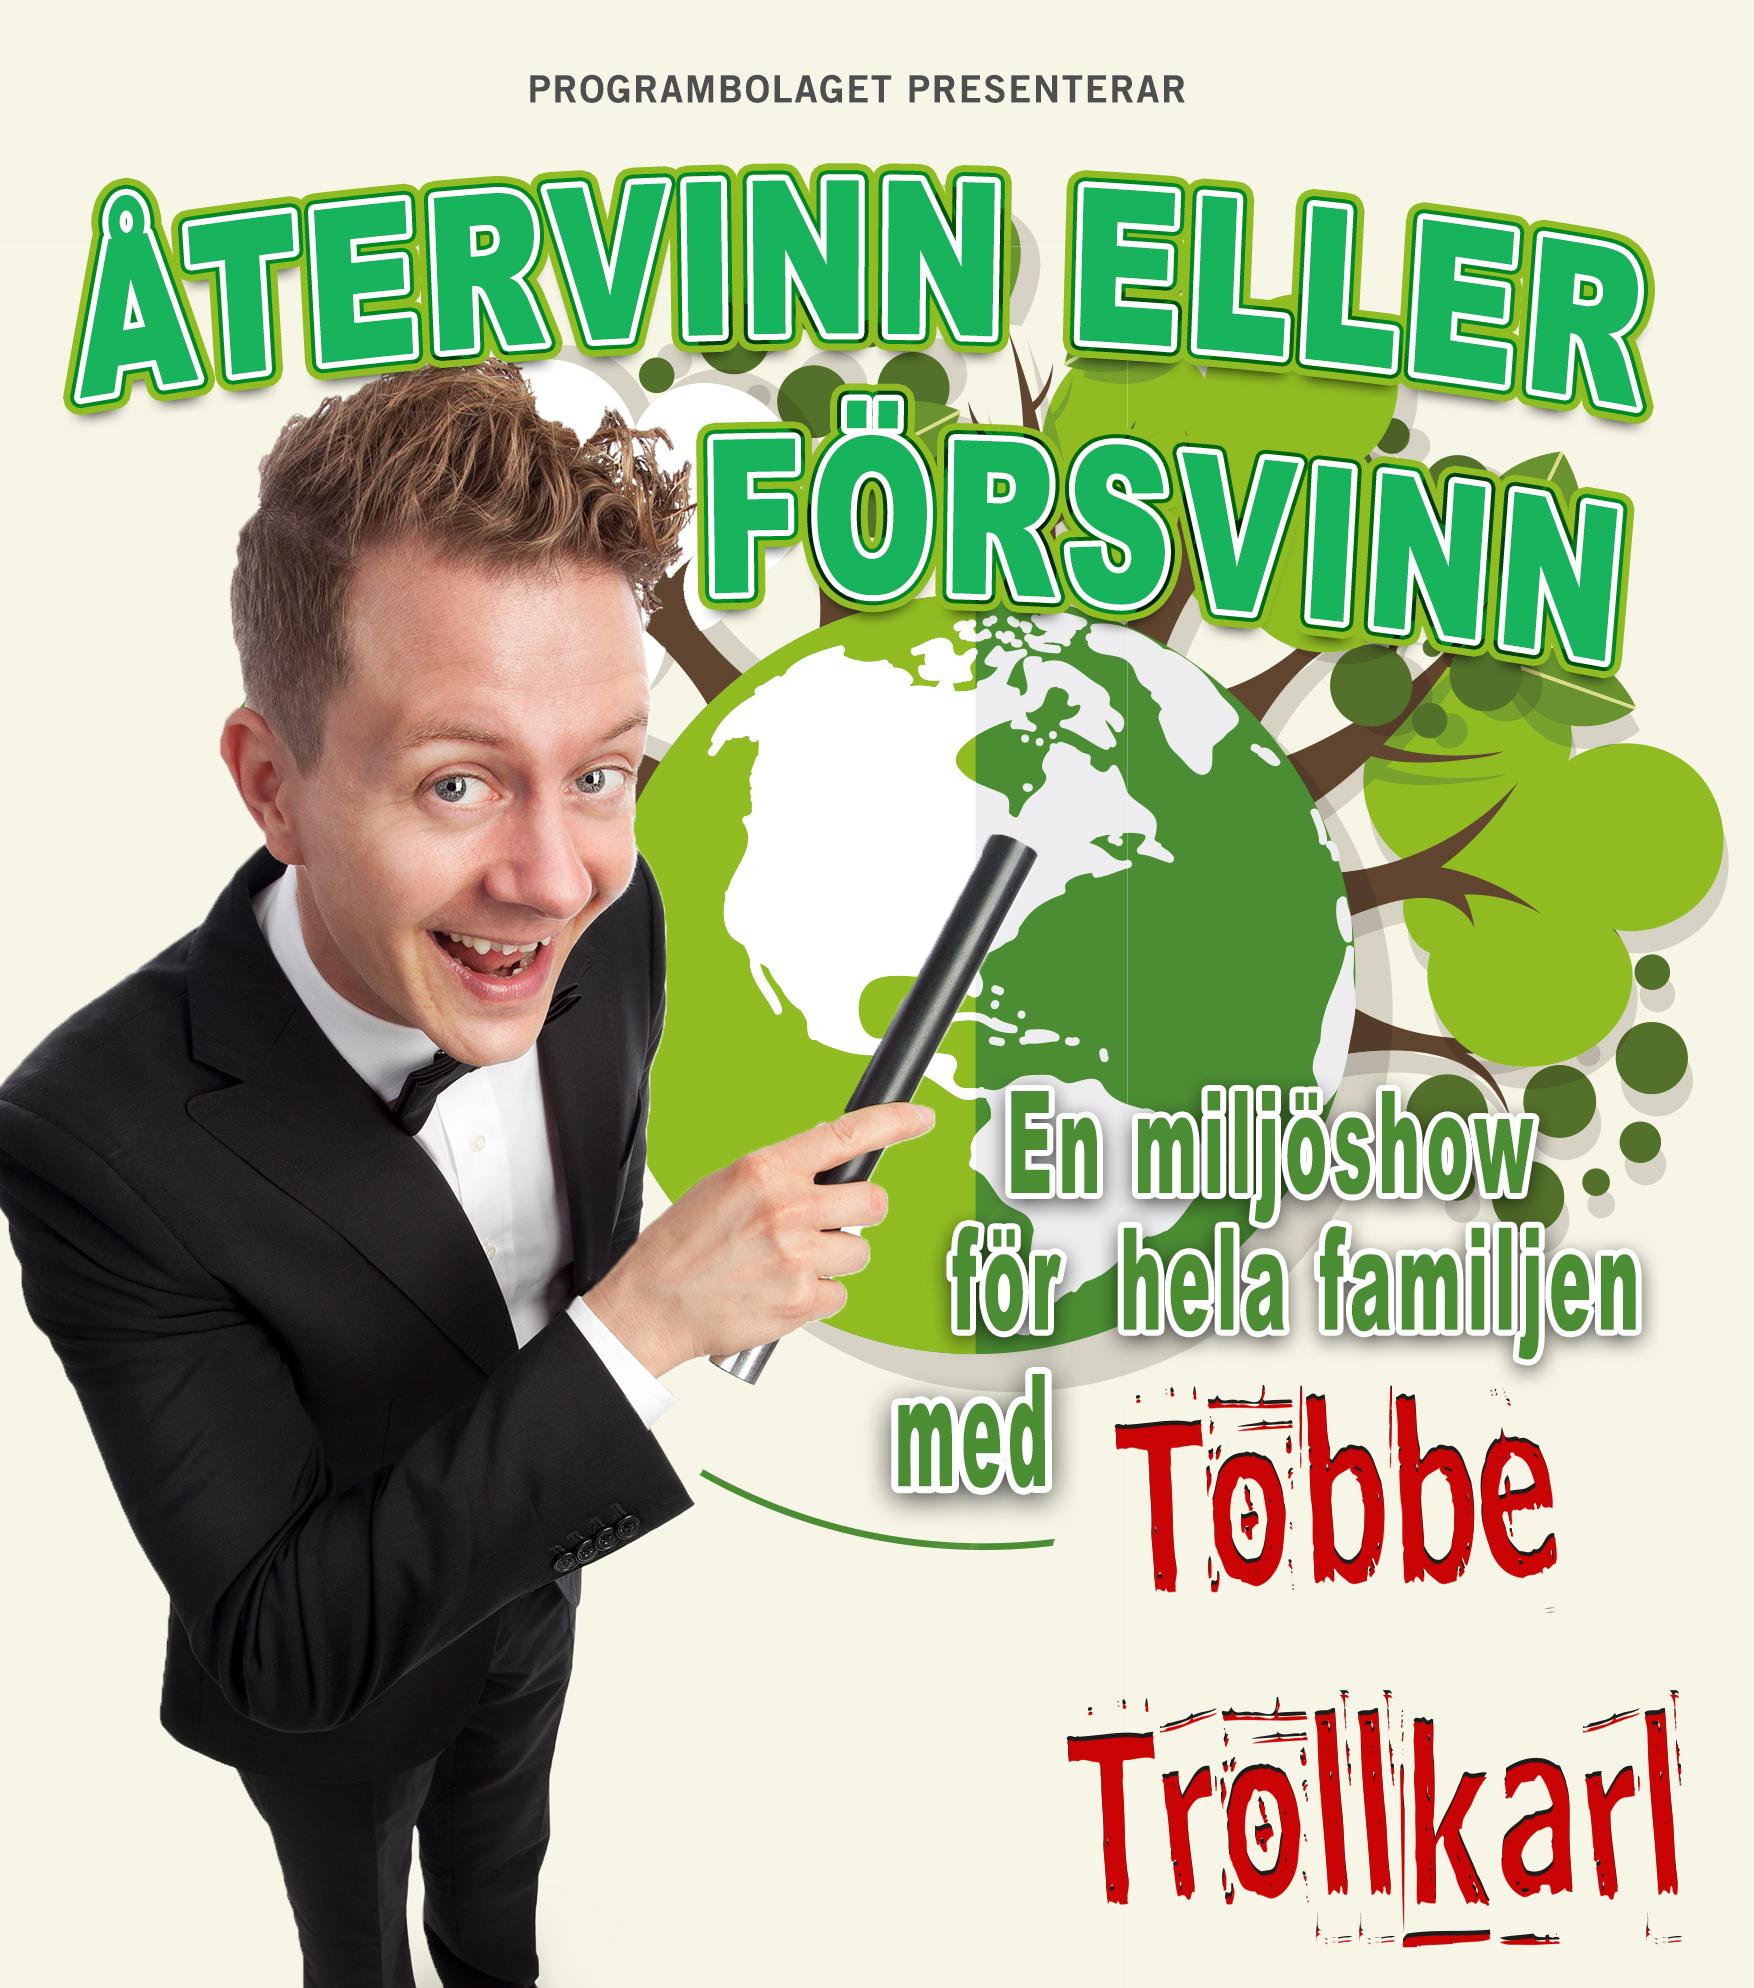 Tobbe Trollkarl